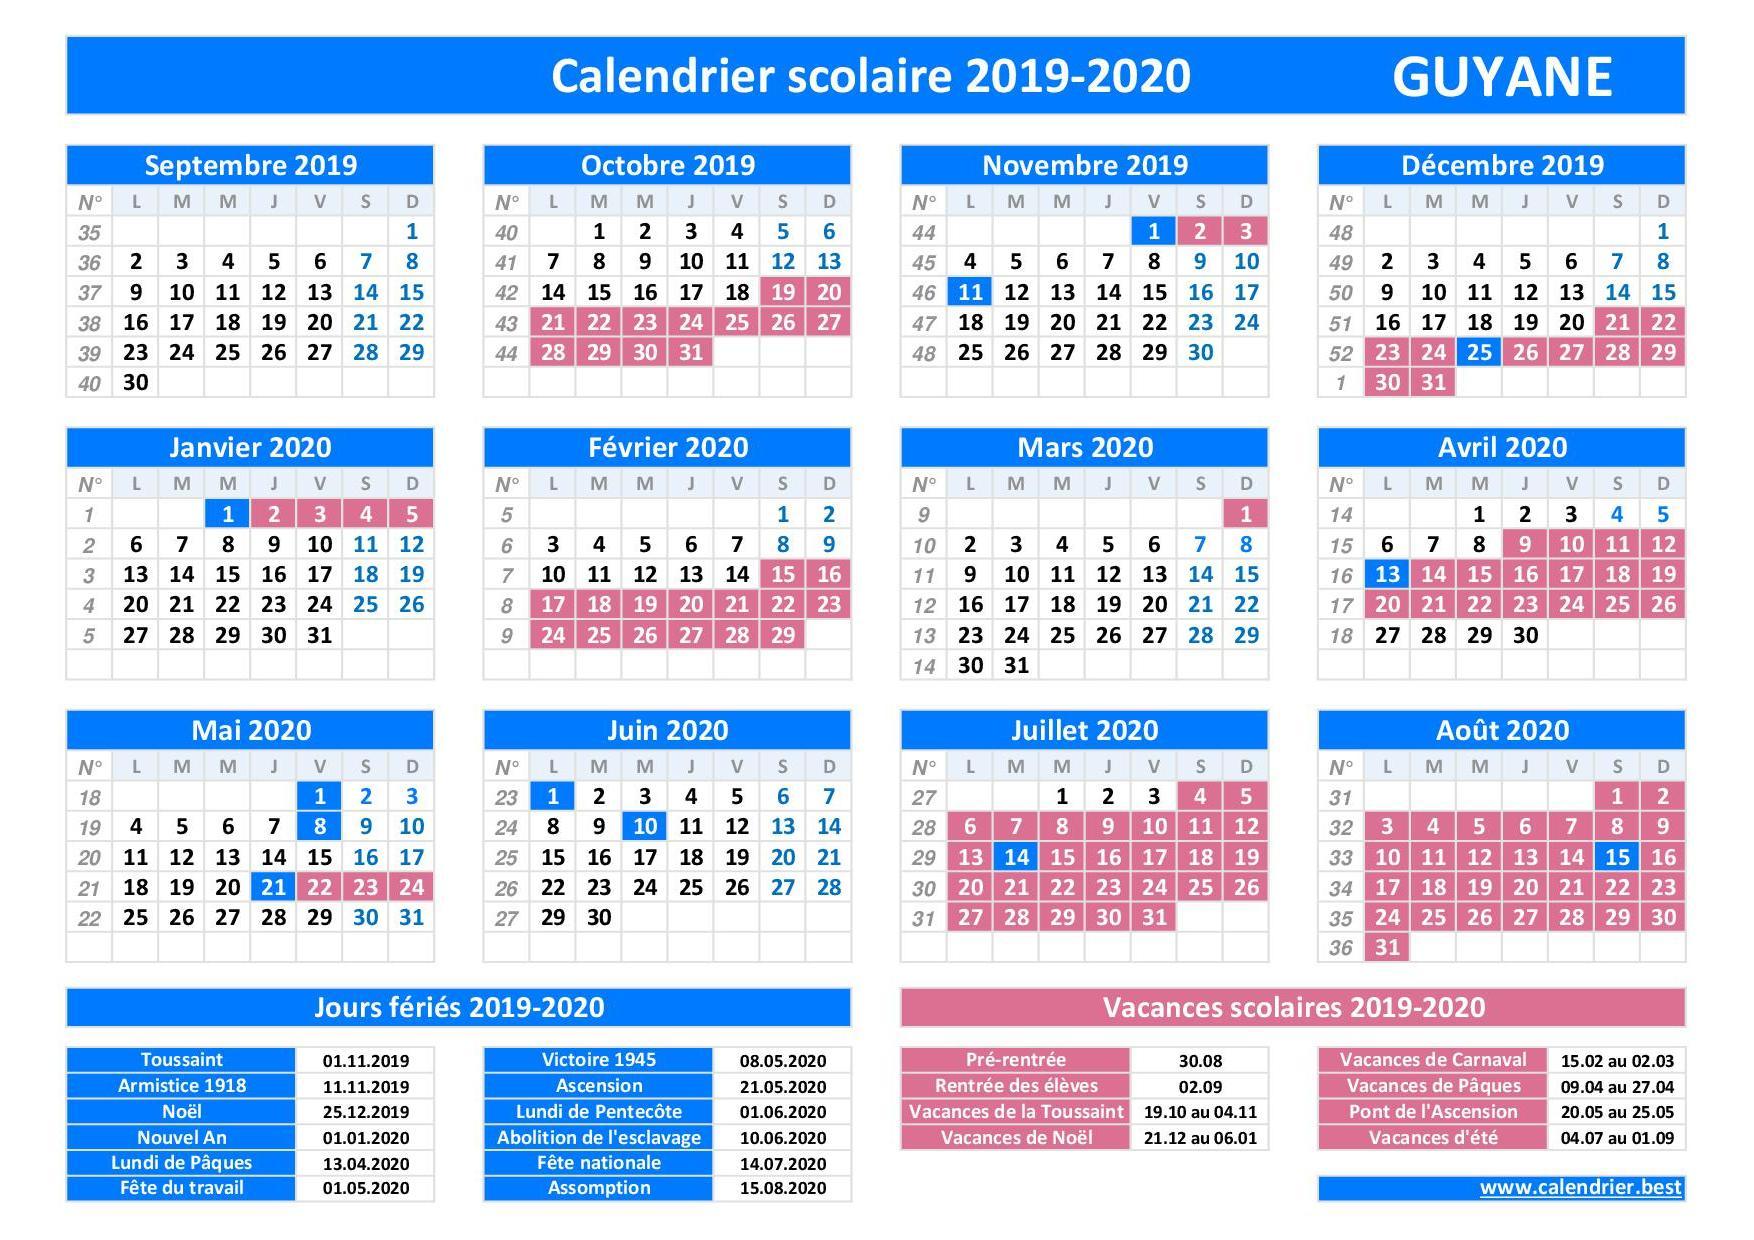 Vacances scolaires académie de Guyane